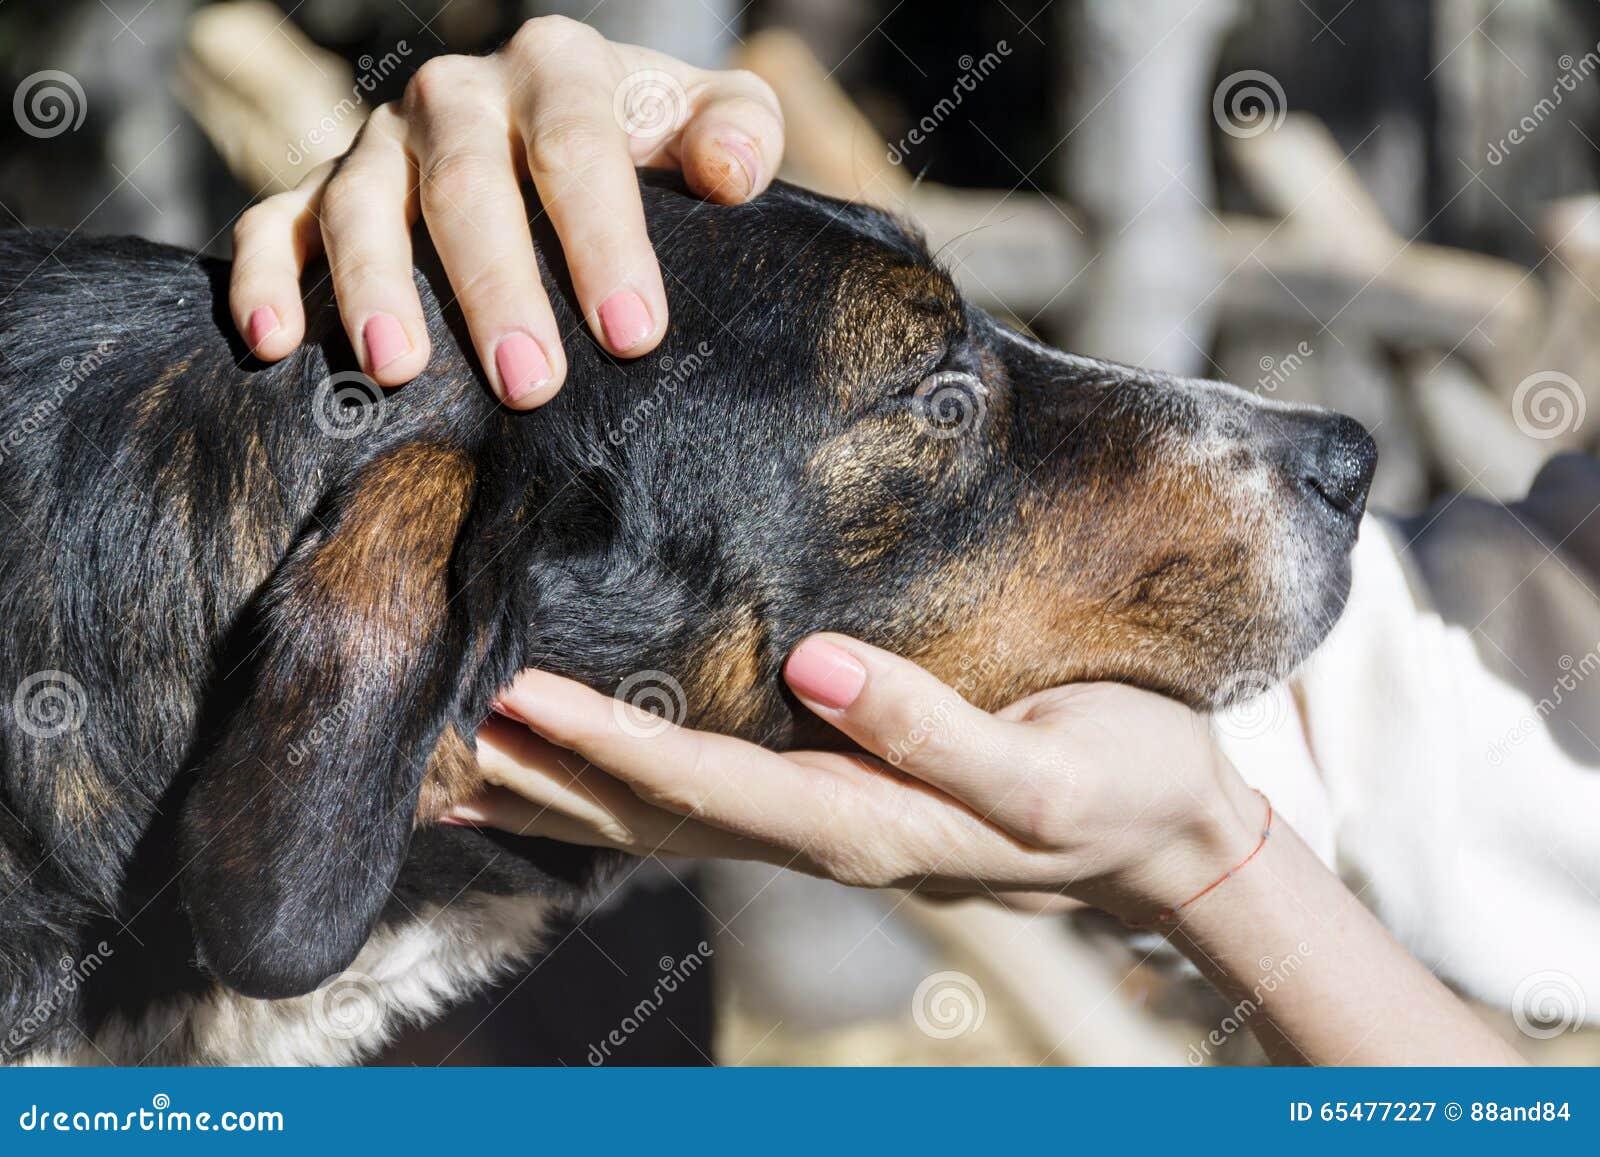 Руки женщины ласкают бездомную собаку